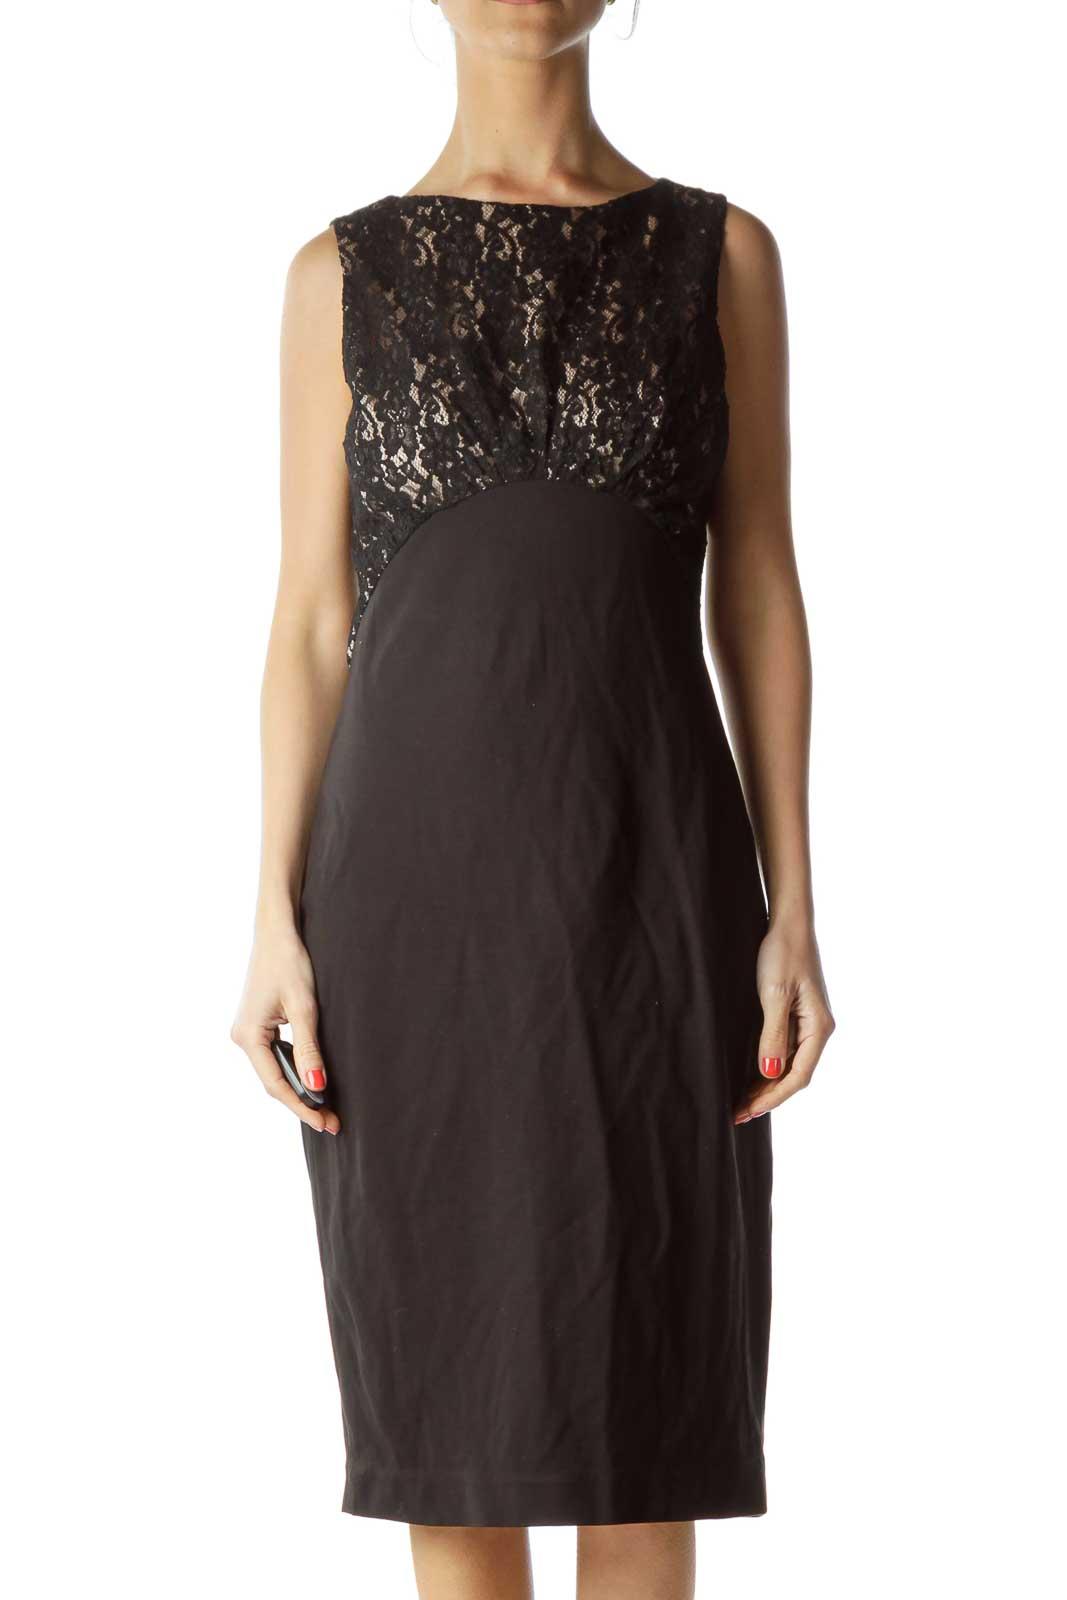 Black Beige Lace Work Dress